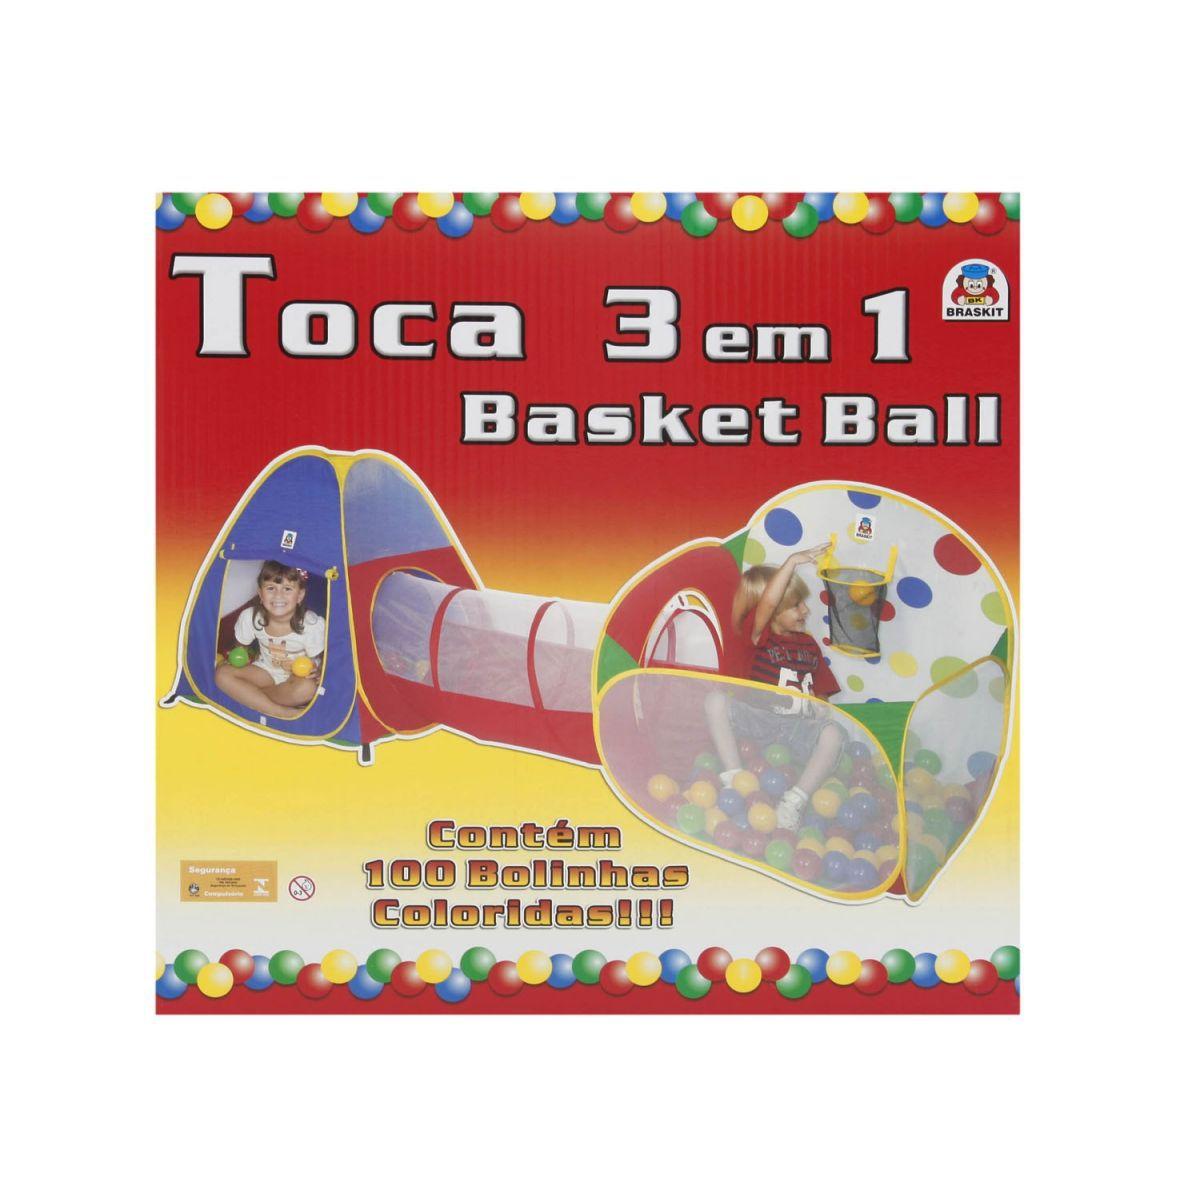 Toca 3 em 1 Basketball 100 bolinhas - Braskit 4606